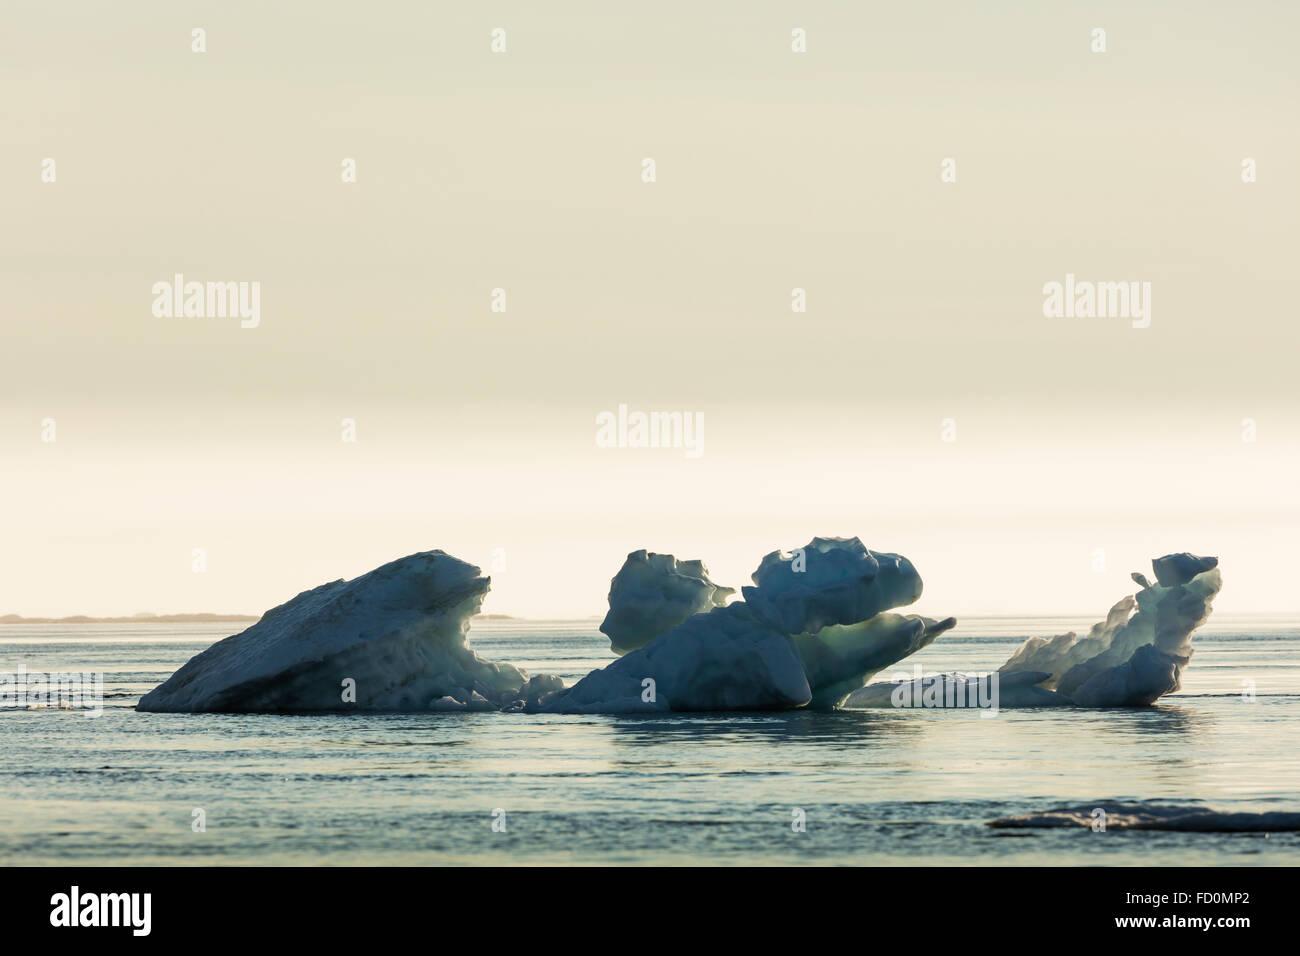 Canada, Nunavut Territory, Ukkusiksalik National Park, Melting iceberg floating in Hudson Bay on summer evening Stock Photo